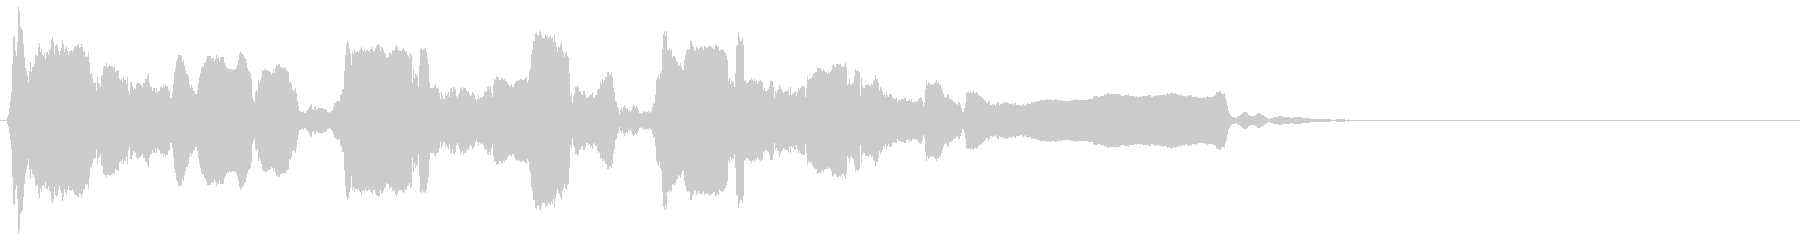 反復長めの終幕◆篠笛生演奏の和風効果音の未再生の波形